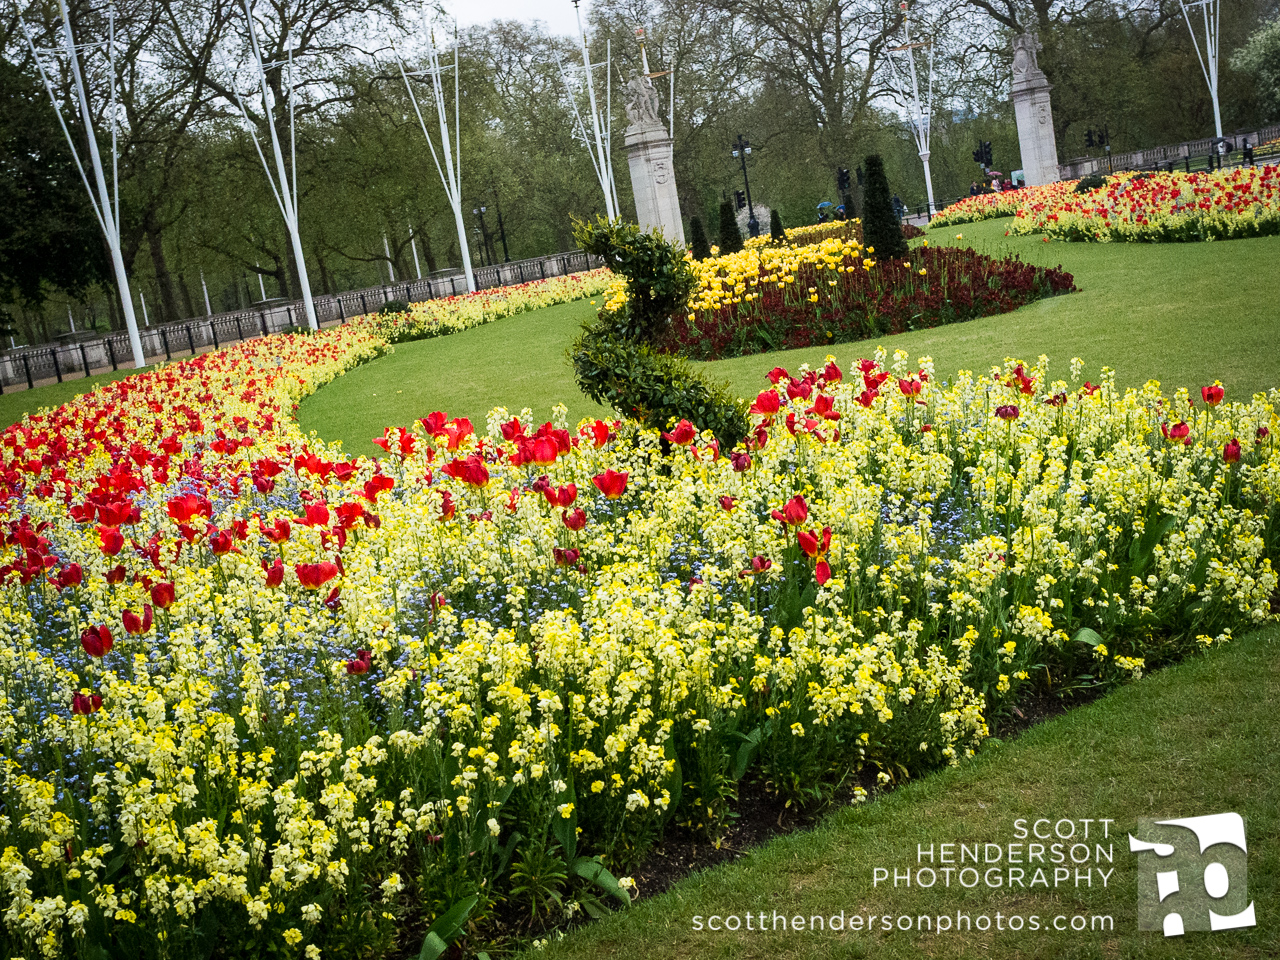 london201305-017.jpg